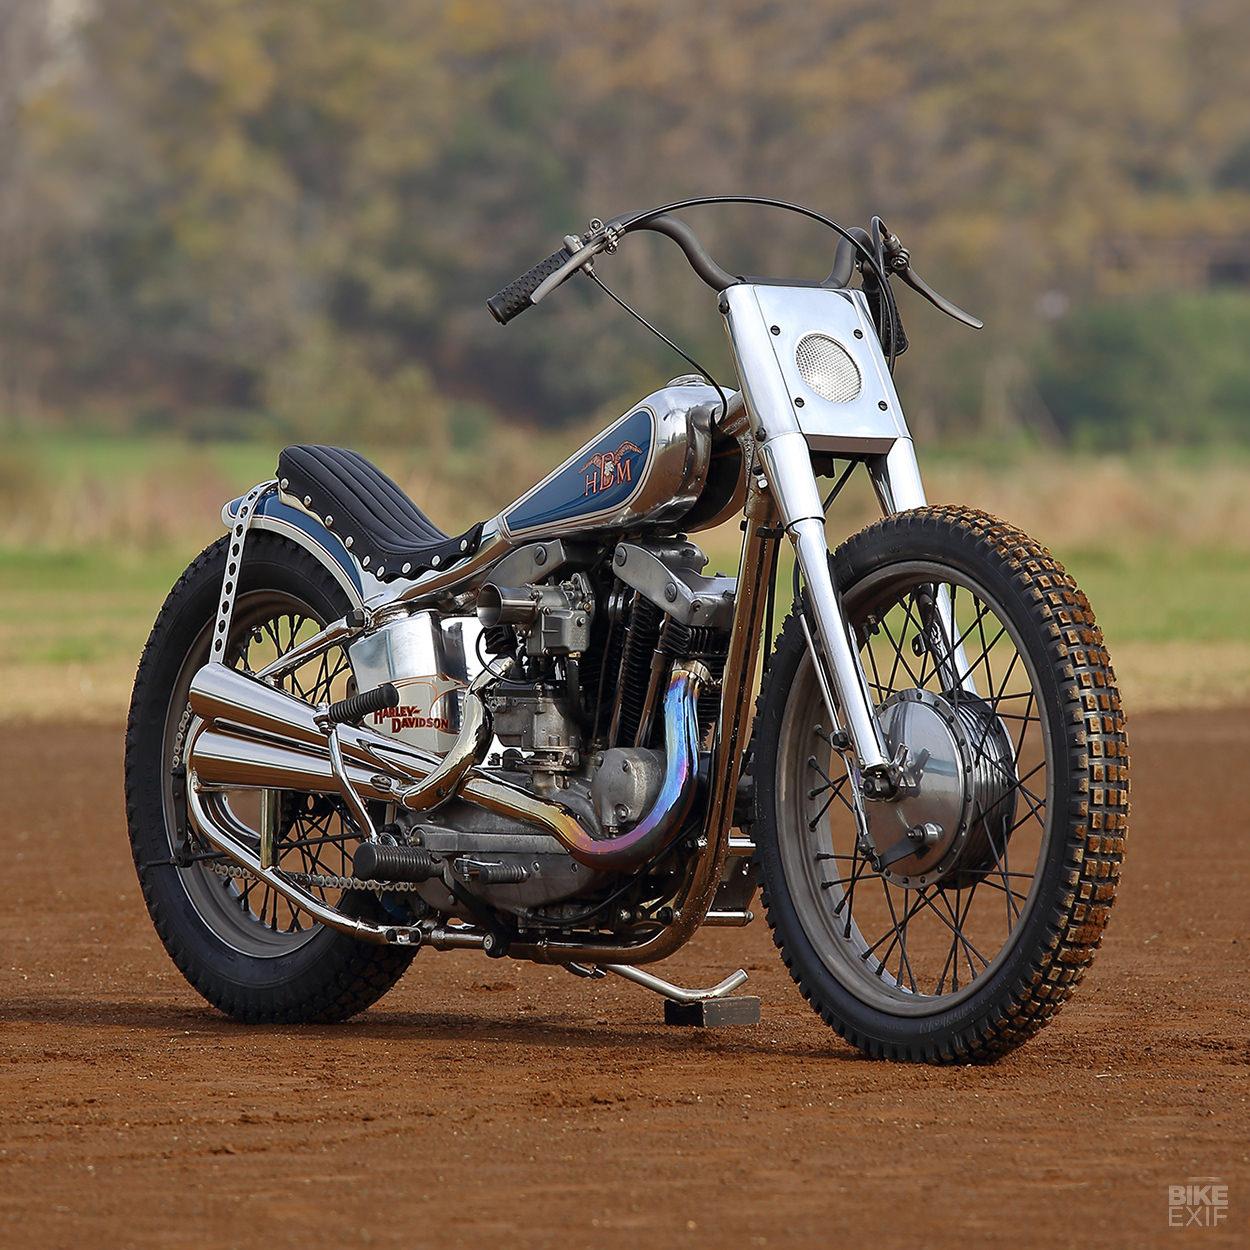 Harley ironhead: A custom Sportster from Hide Motorcycle of Japan